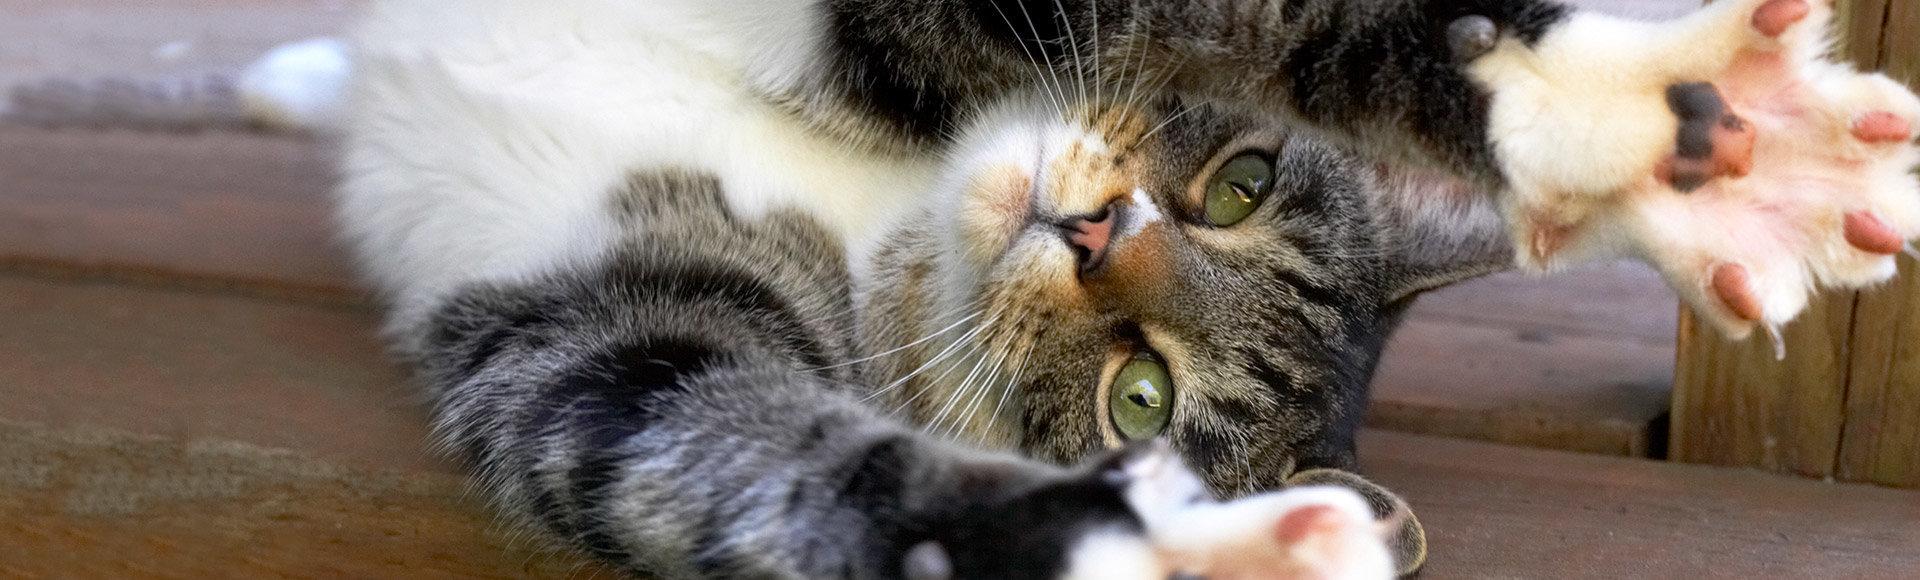 Kedileri Tanıyalım